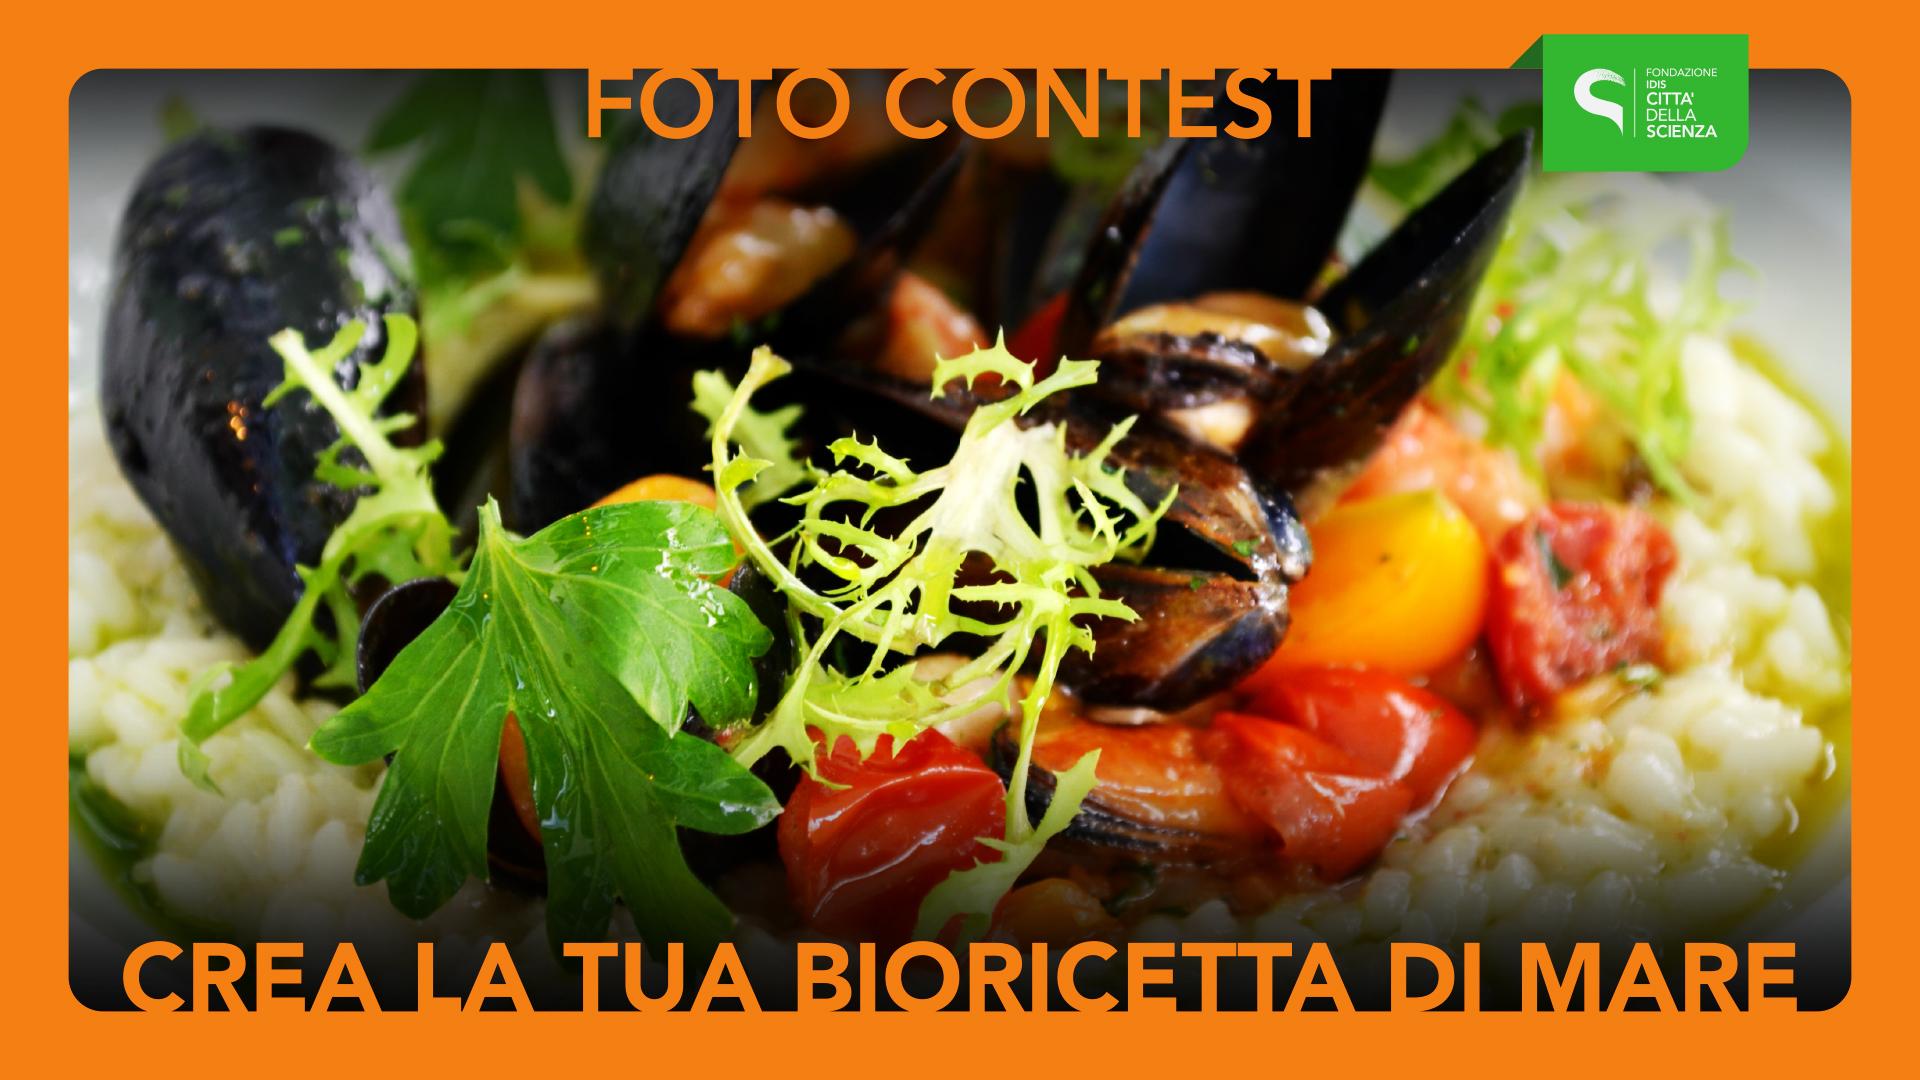 CREA_LA_TUA_BIORICETTA_DI_MARE_001.cdr